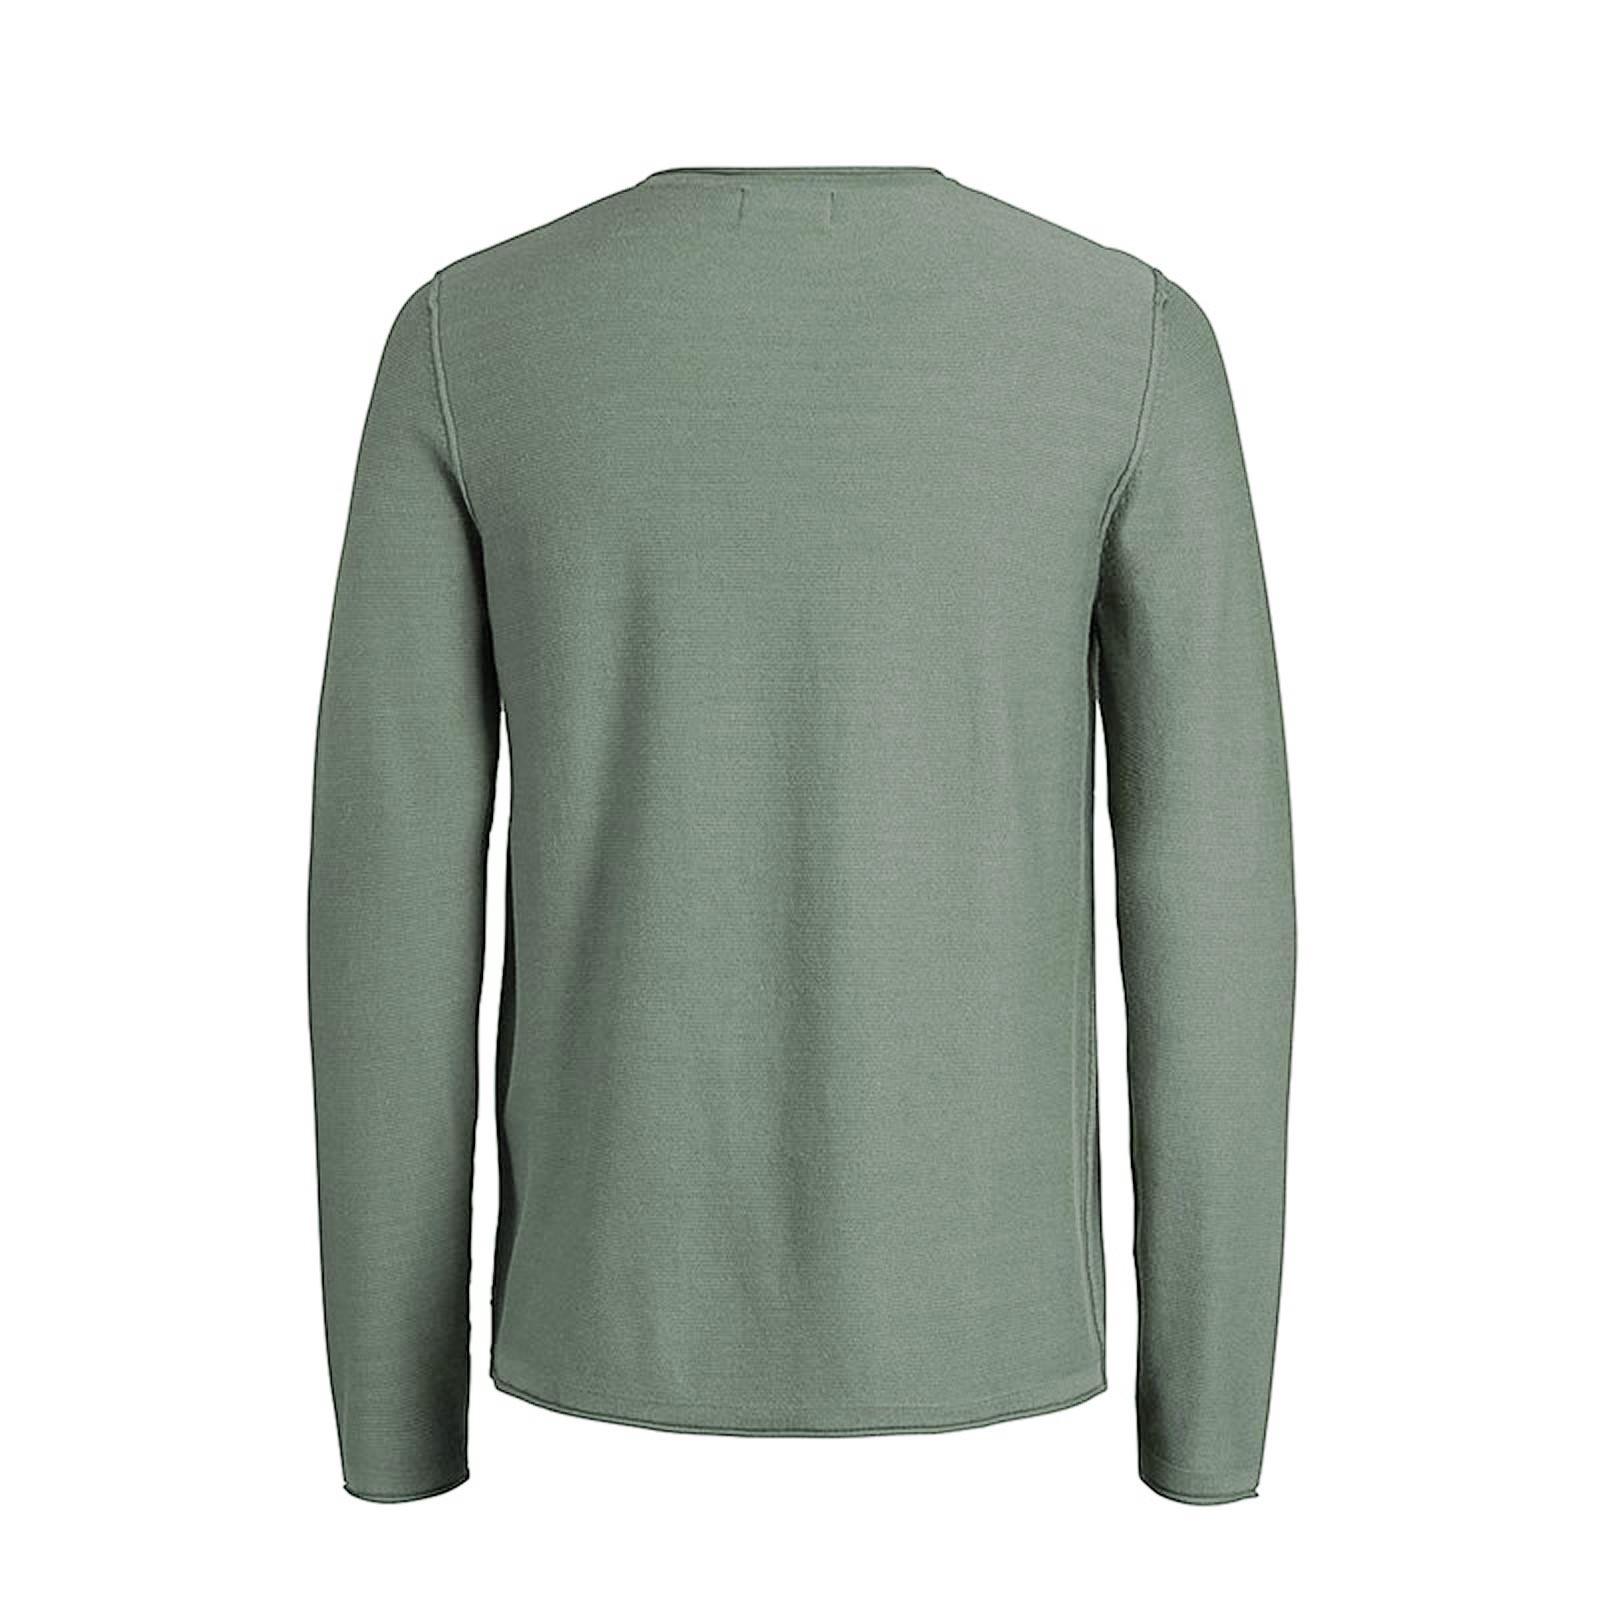 Jack /& Jones Originals Sweater jorfred Homme Sweat à encolure ras-du-cou Pull